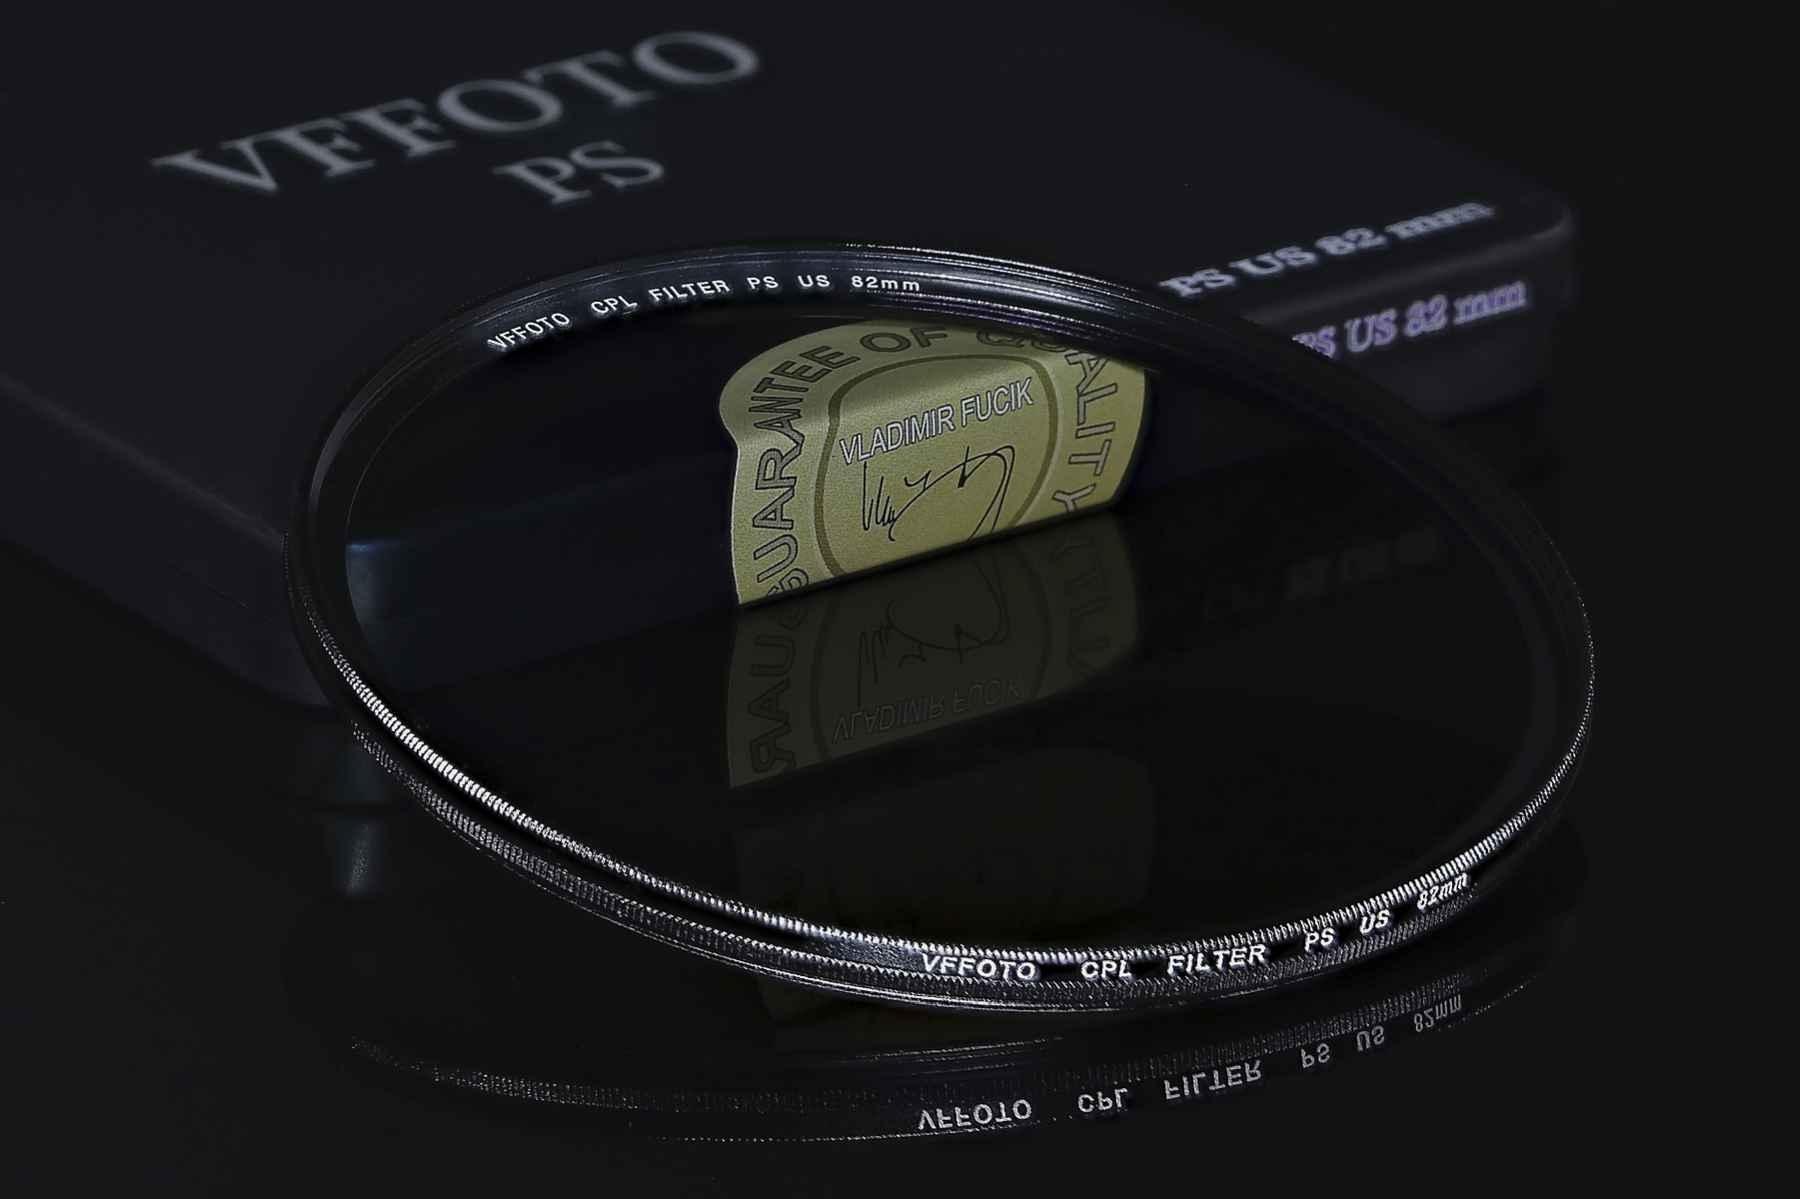 VFFOTO filtr polarizační cirkulární PS US 82 mm